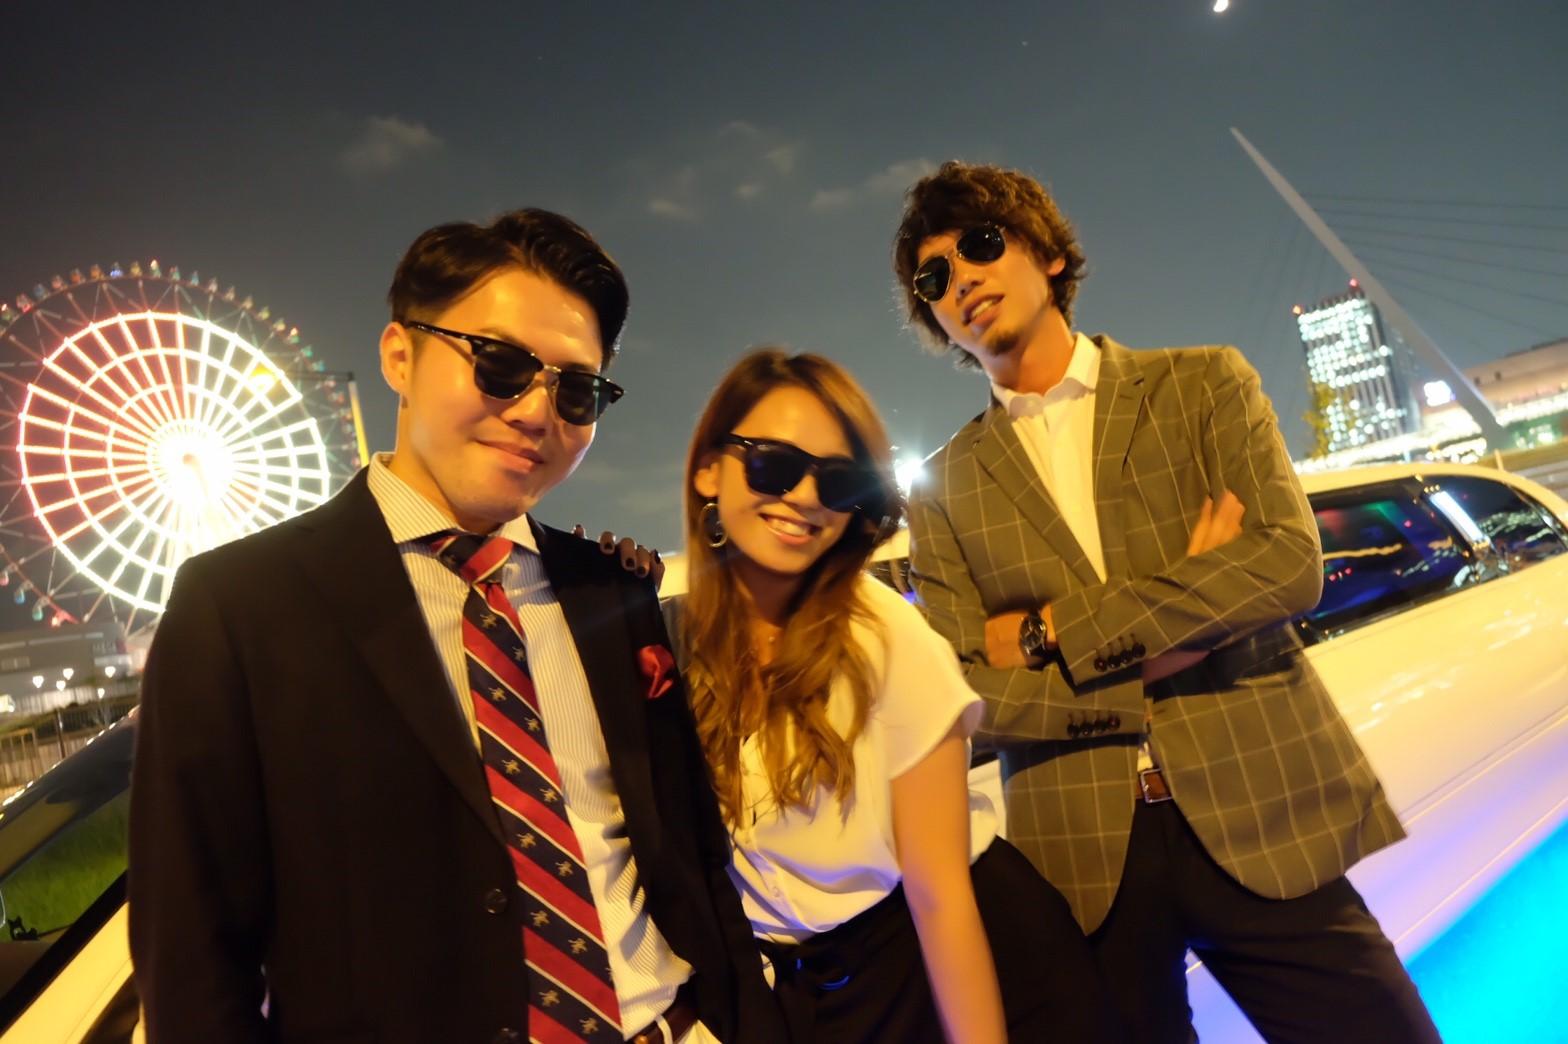 リムジンでパーティーが楽しめるリムジンパーティー東京 (26)